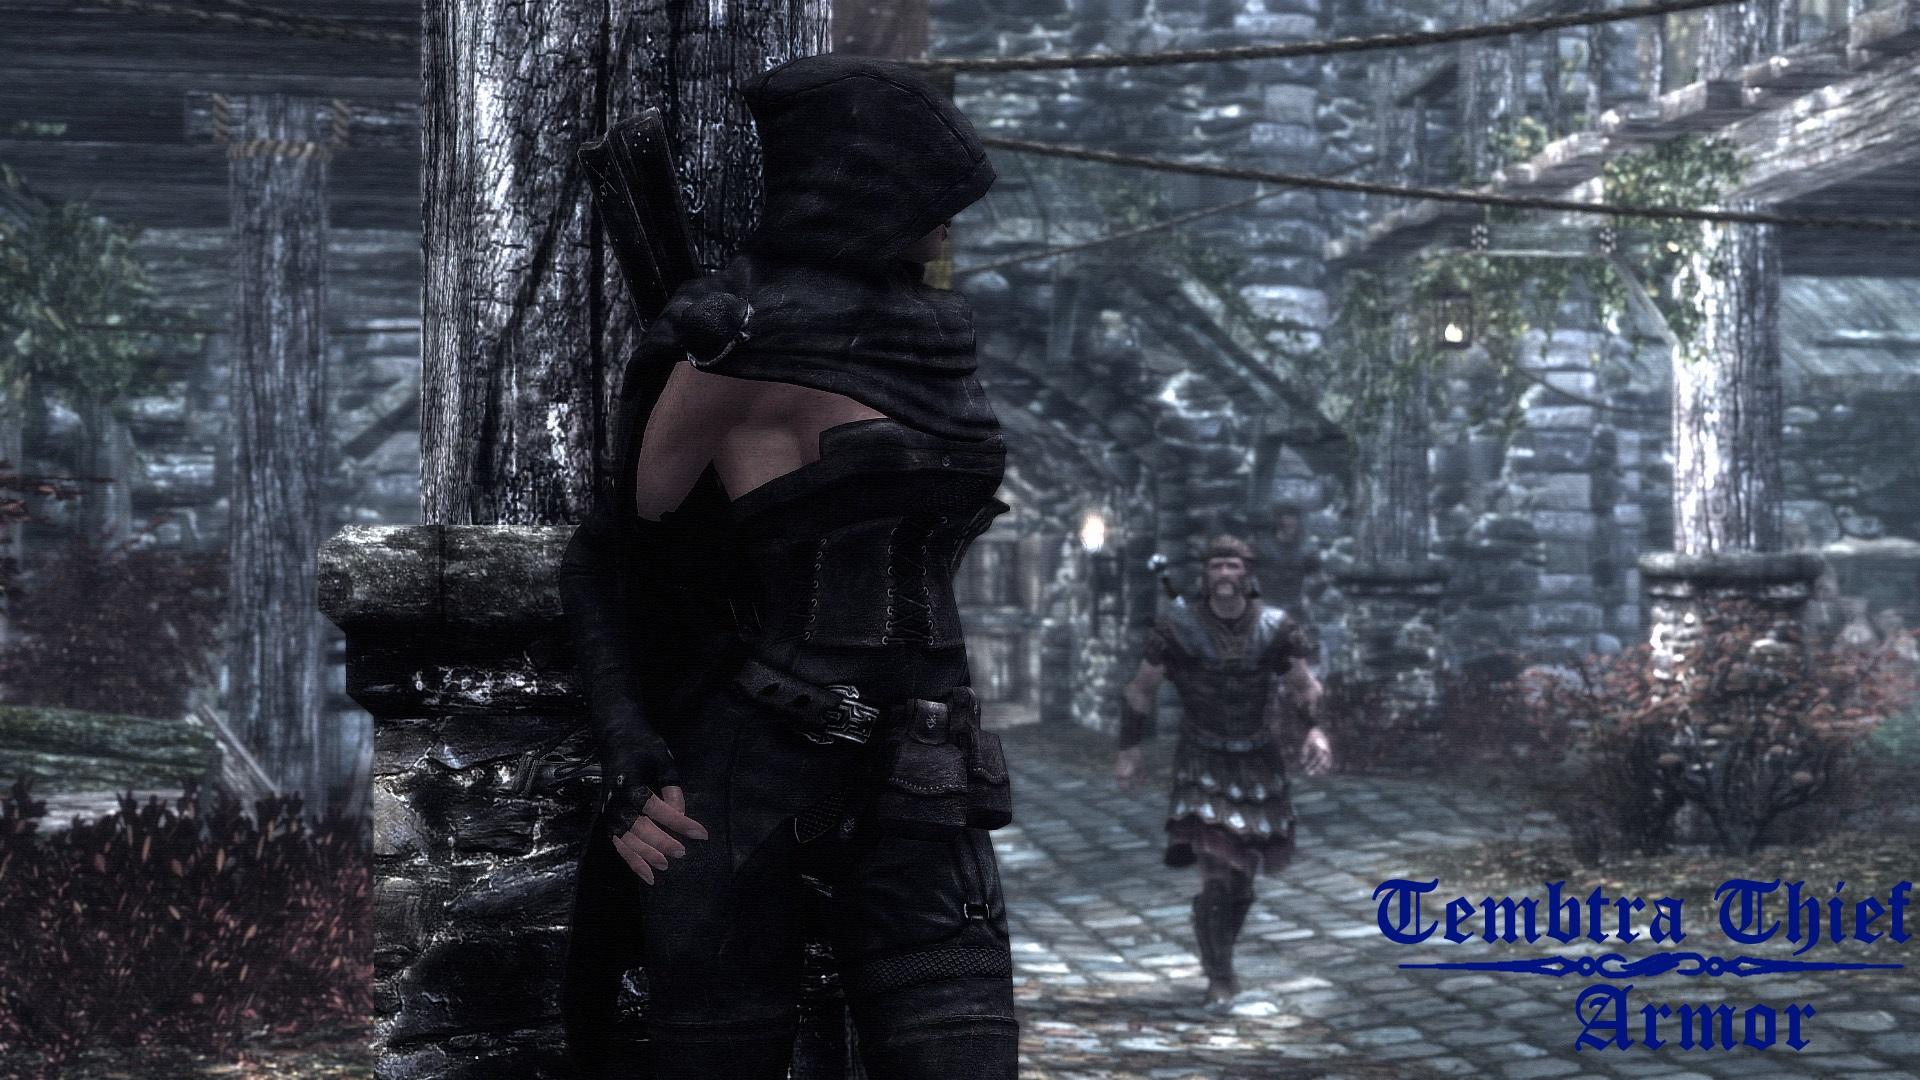 Tembtra_Thief_Armor_UNP_CBBE_7B.jpg